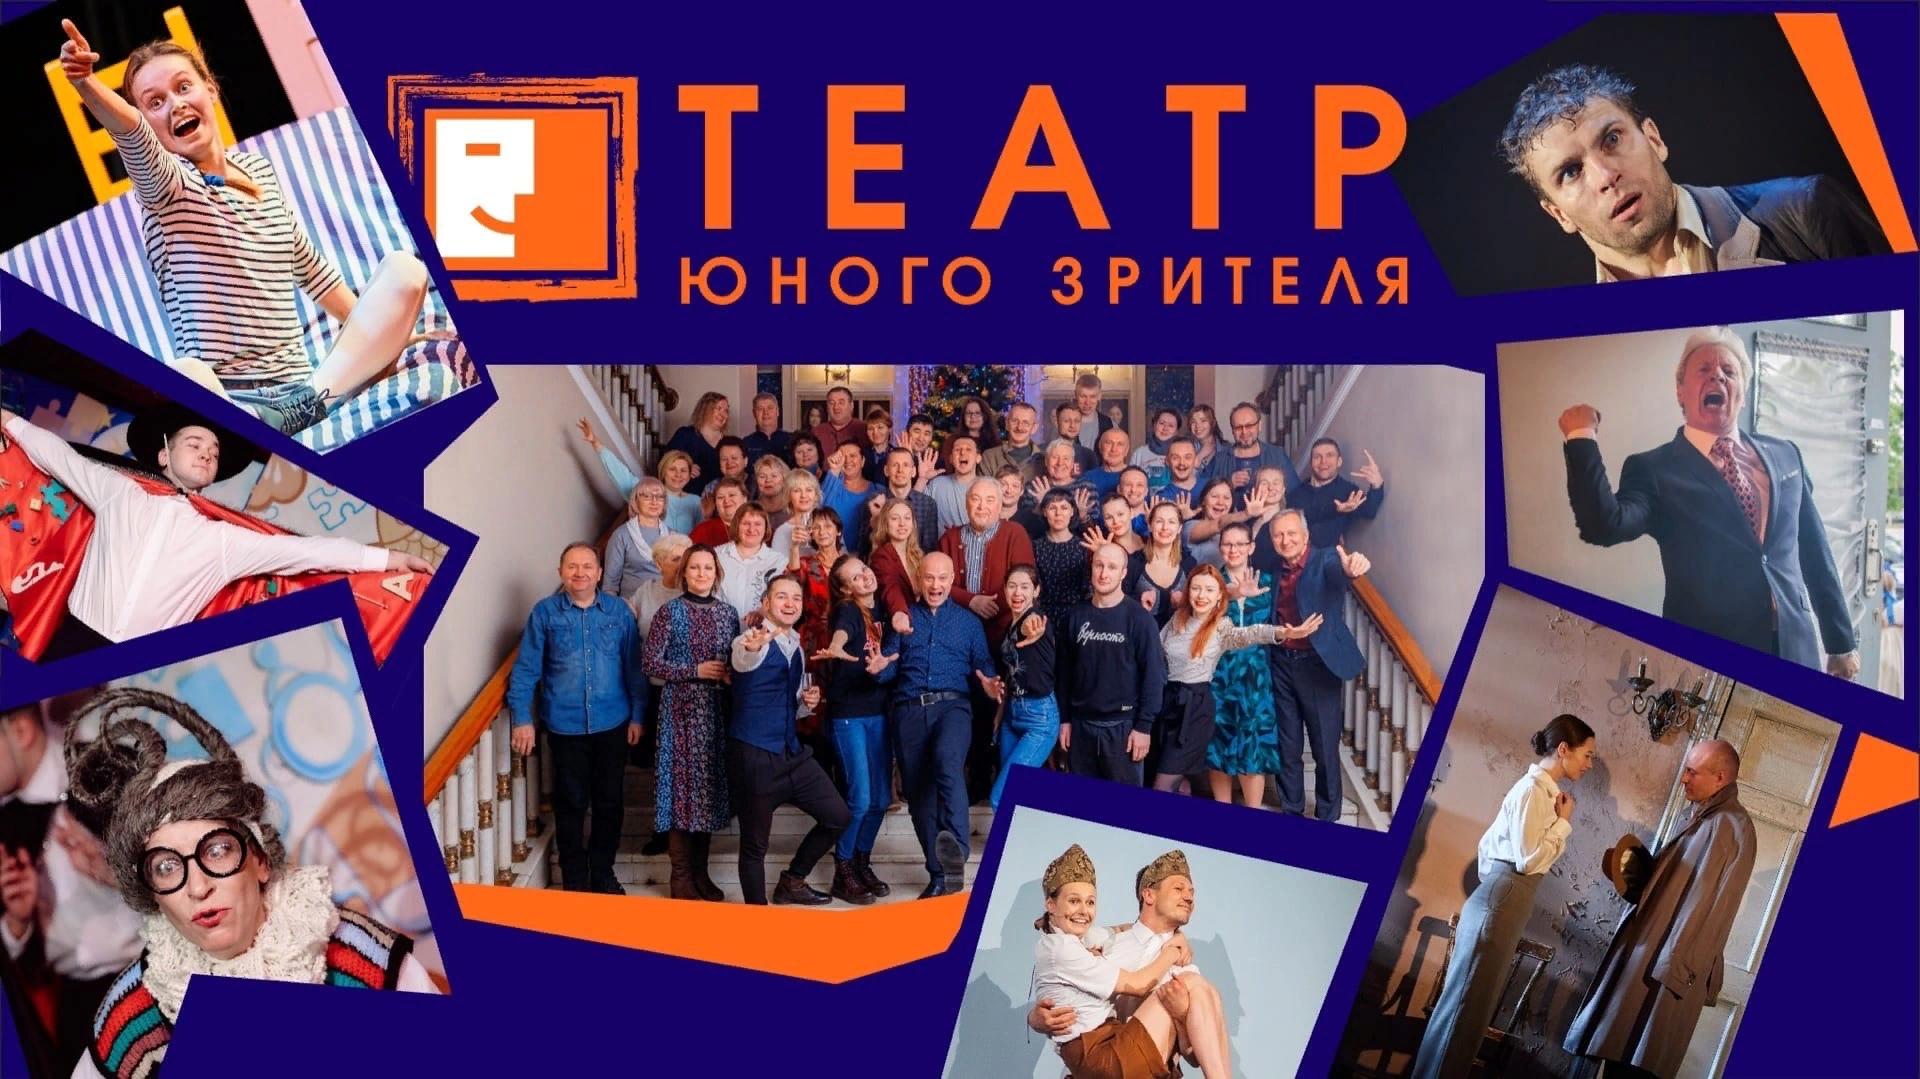 Тверской театр юного зрителя приглашает на спектакли